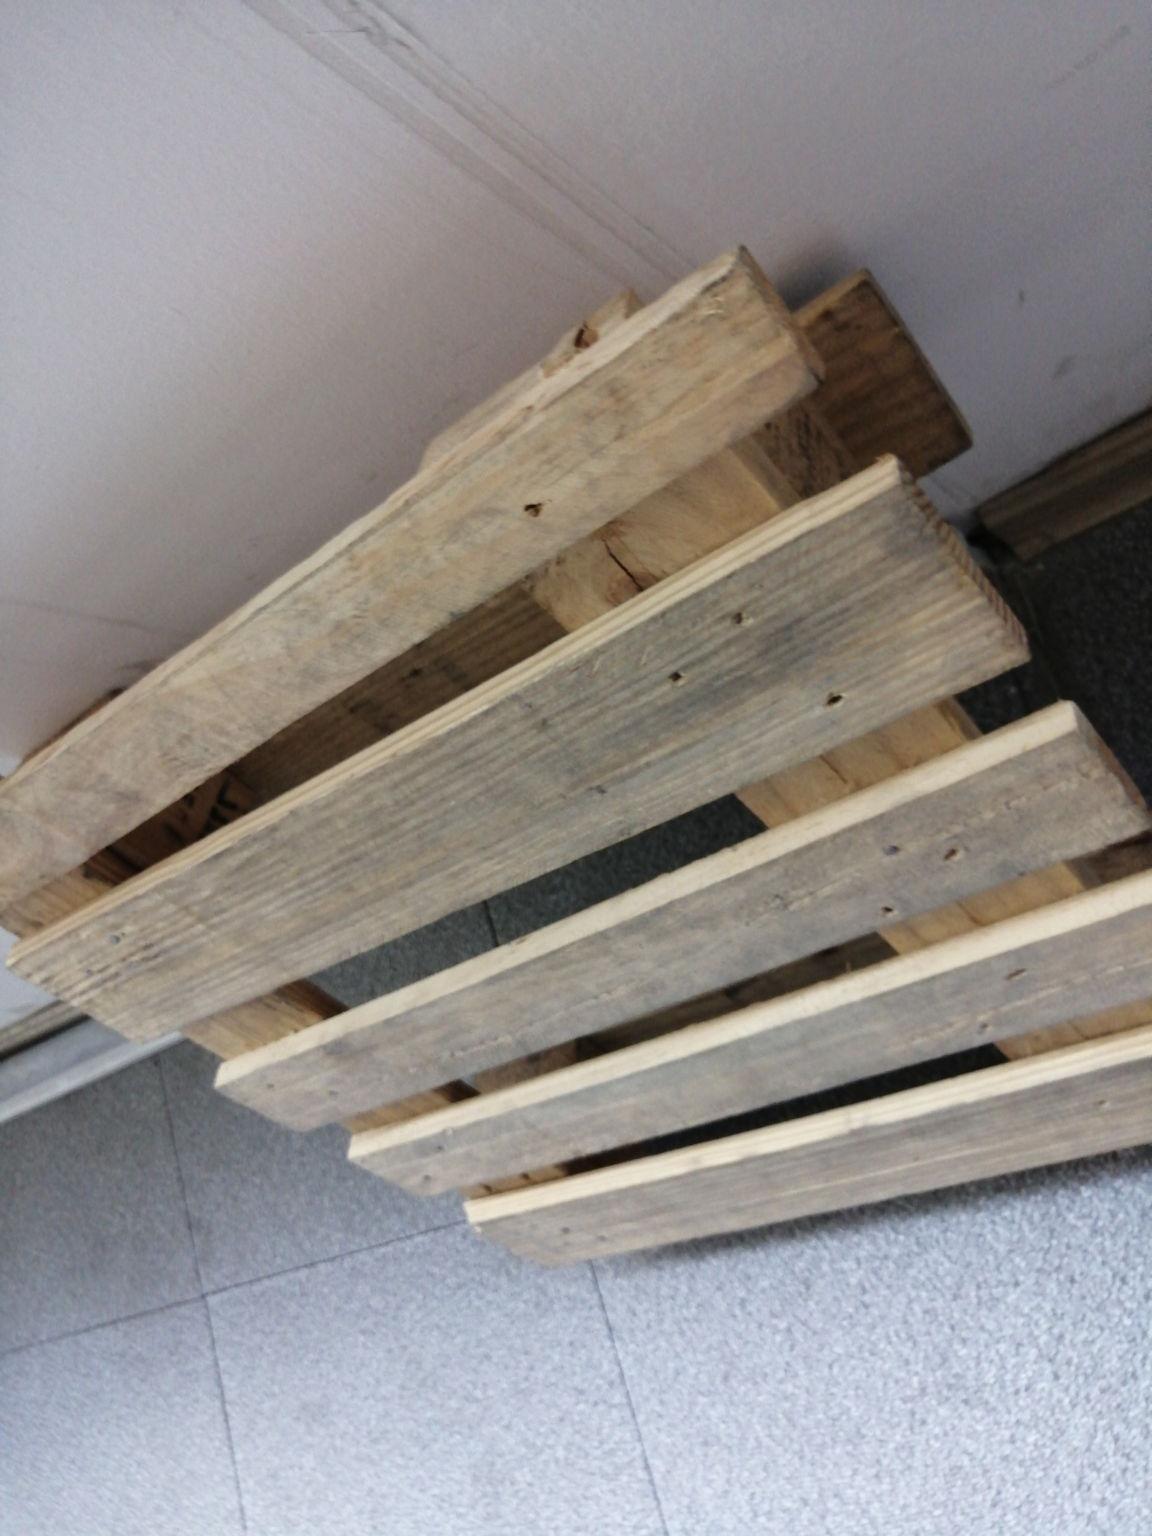 杭州�,ⓞ✪﹛�质木托盘价�,▓≕ⓥ随着木托盘的需求增加